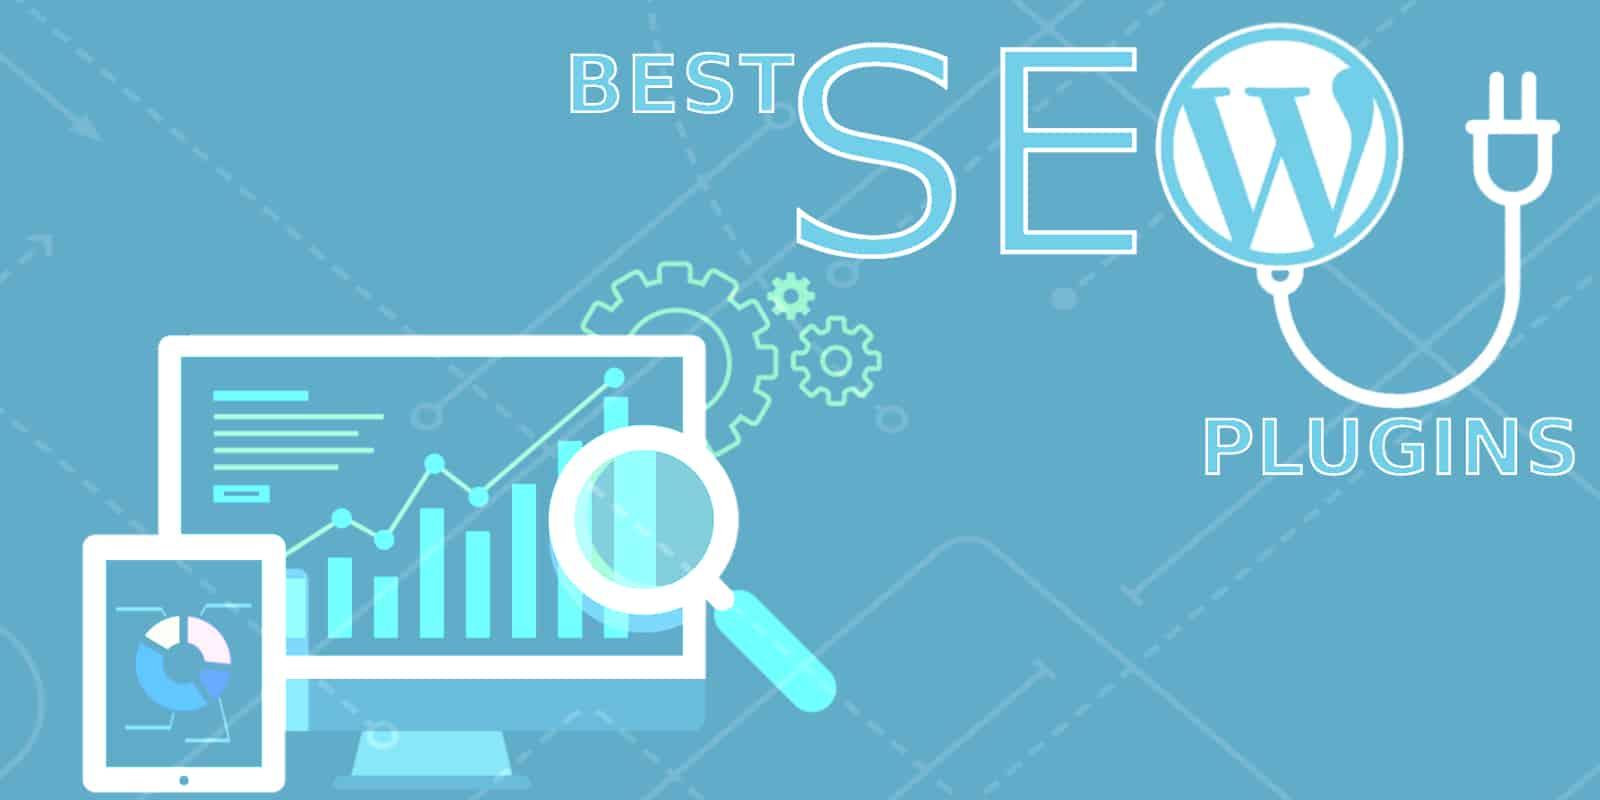 Best WordPress Seo Plugin 2019 Best WordPress SEO Plugins 2019 | Rank A Page